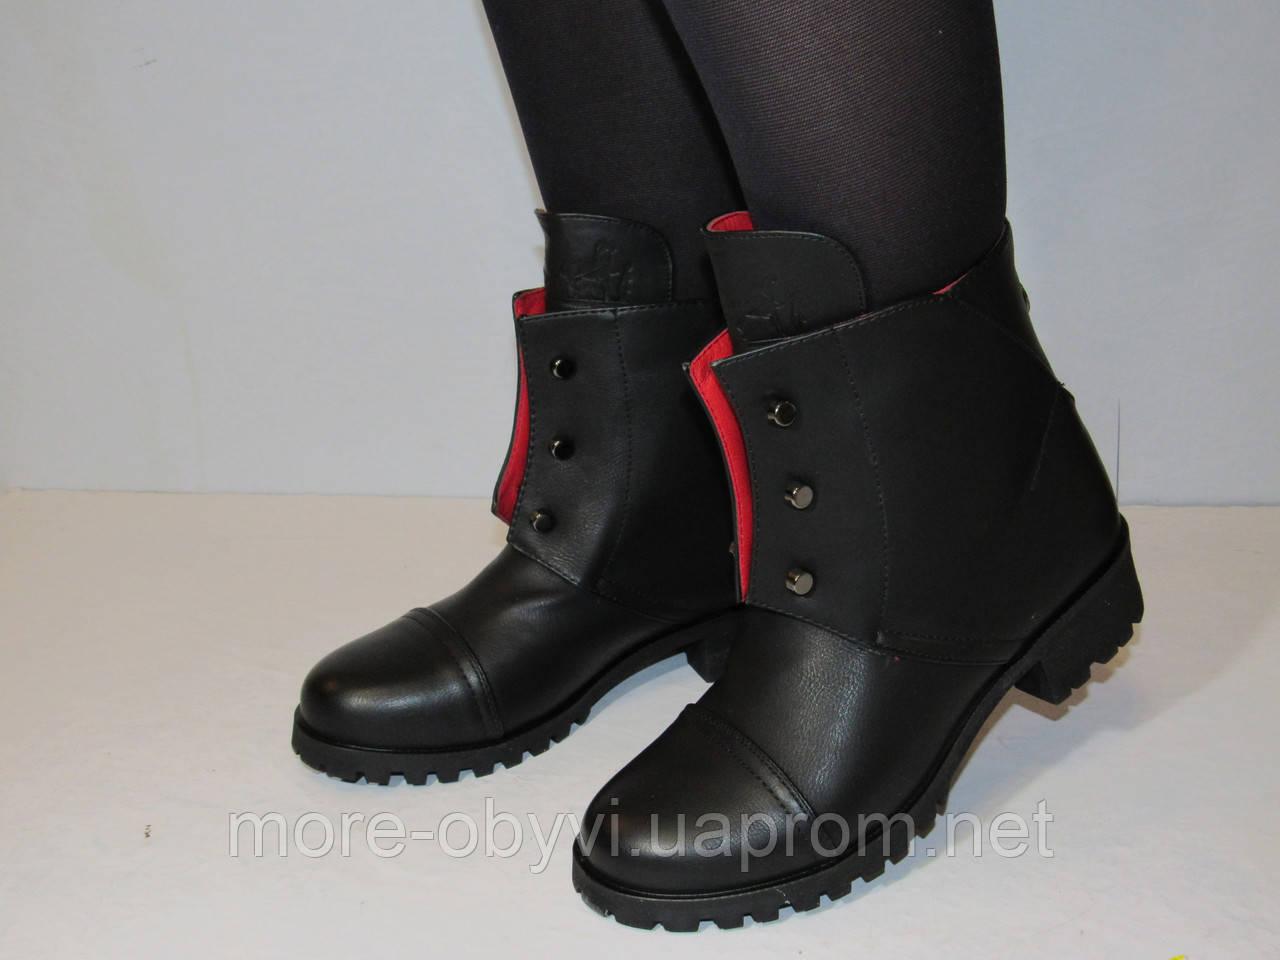 Ботинки (Hermes) весна-осень , размер 36-40, цена 759 грн., купить в ... 249449473d5